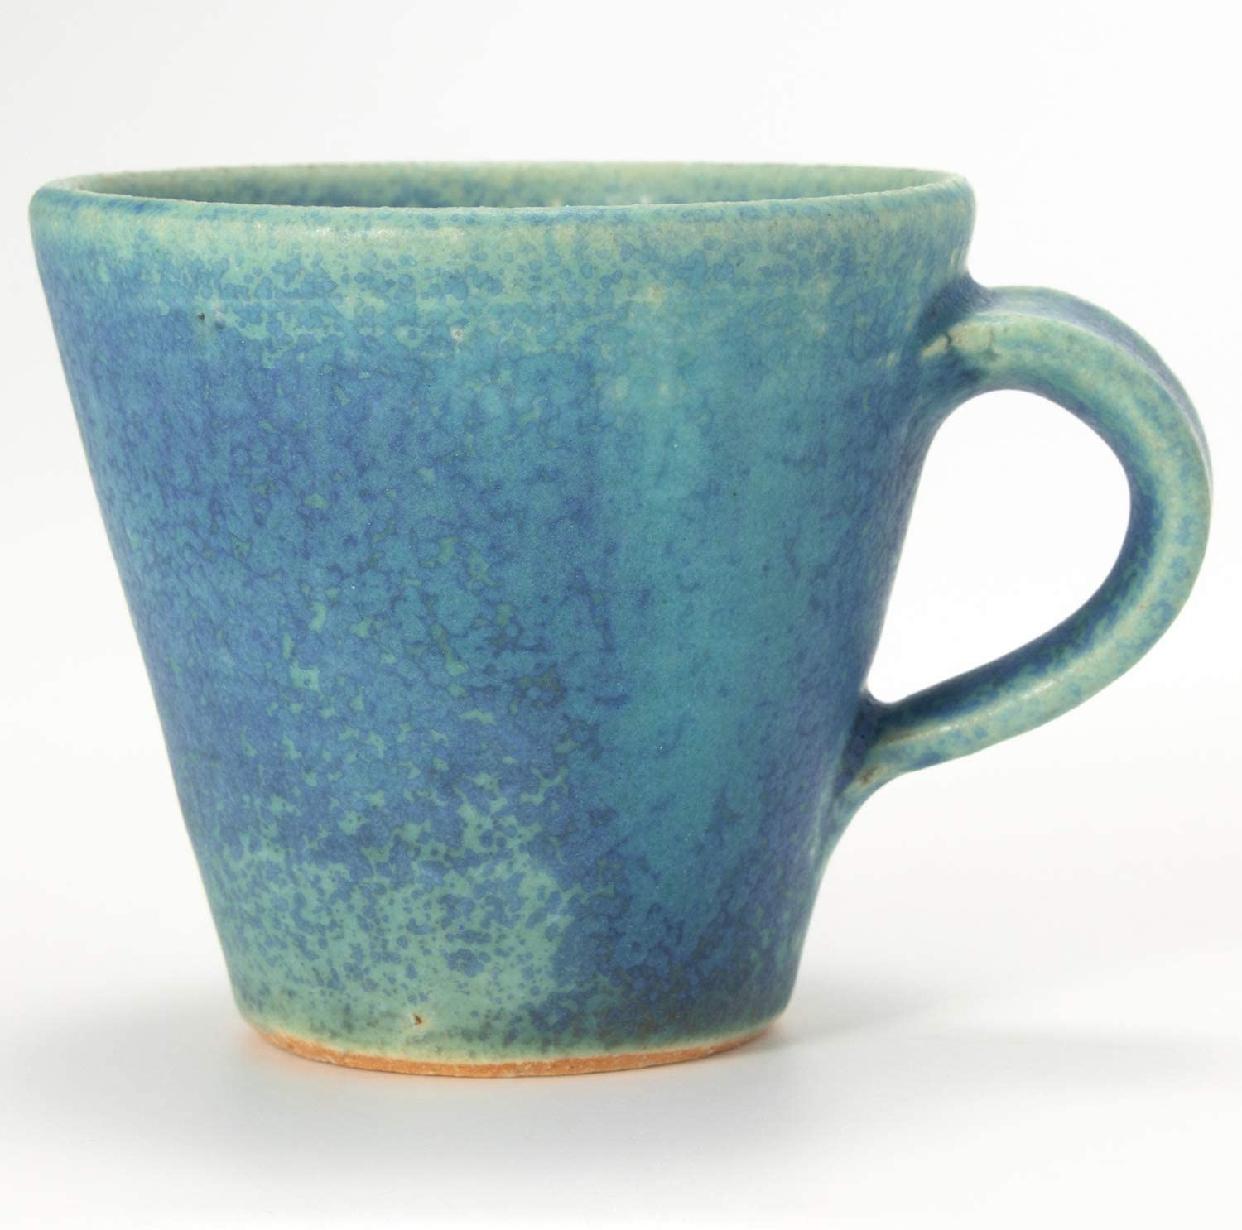 丸伊製陶 信楽焼 へちもん エスプレッソカップ 青彩釉の商品画像4